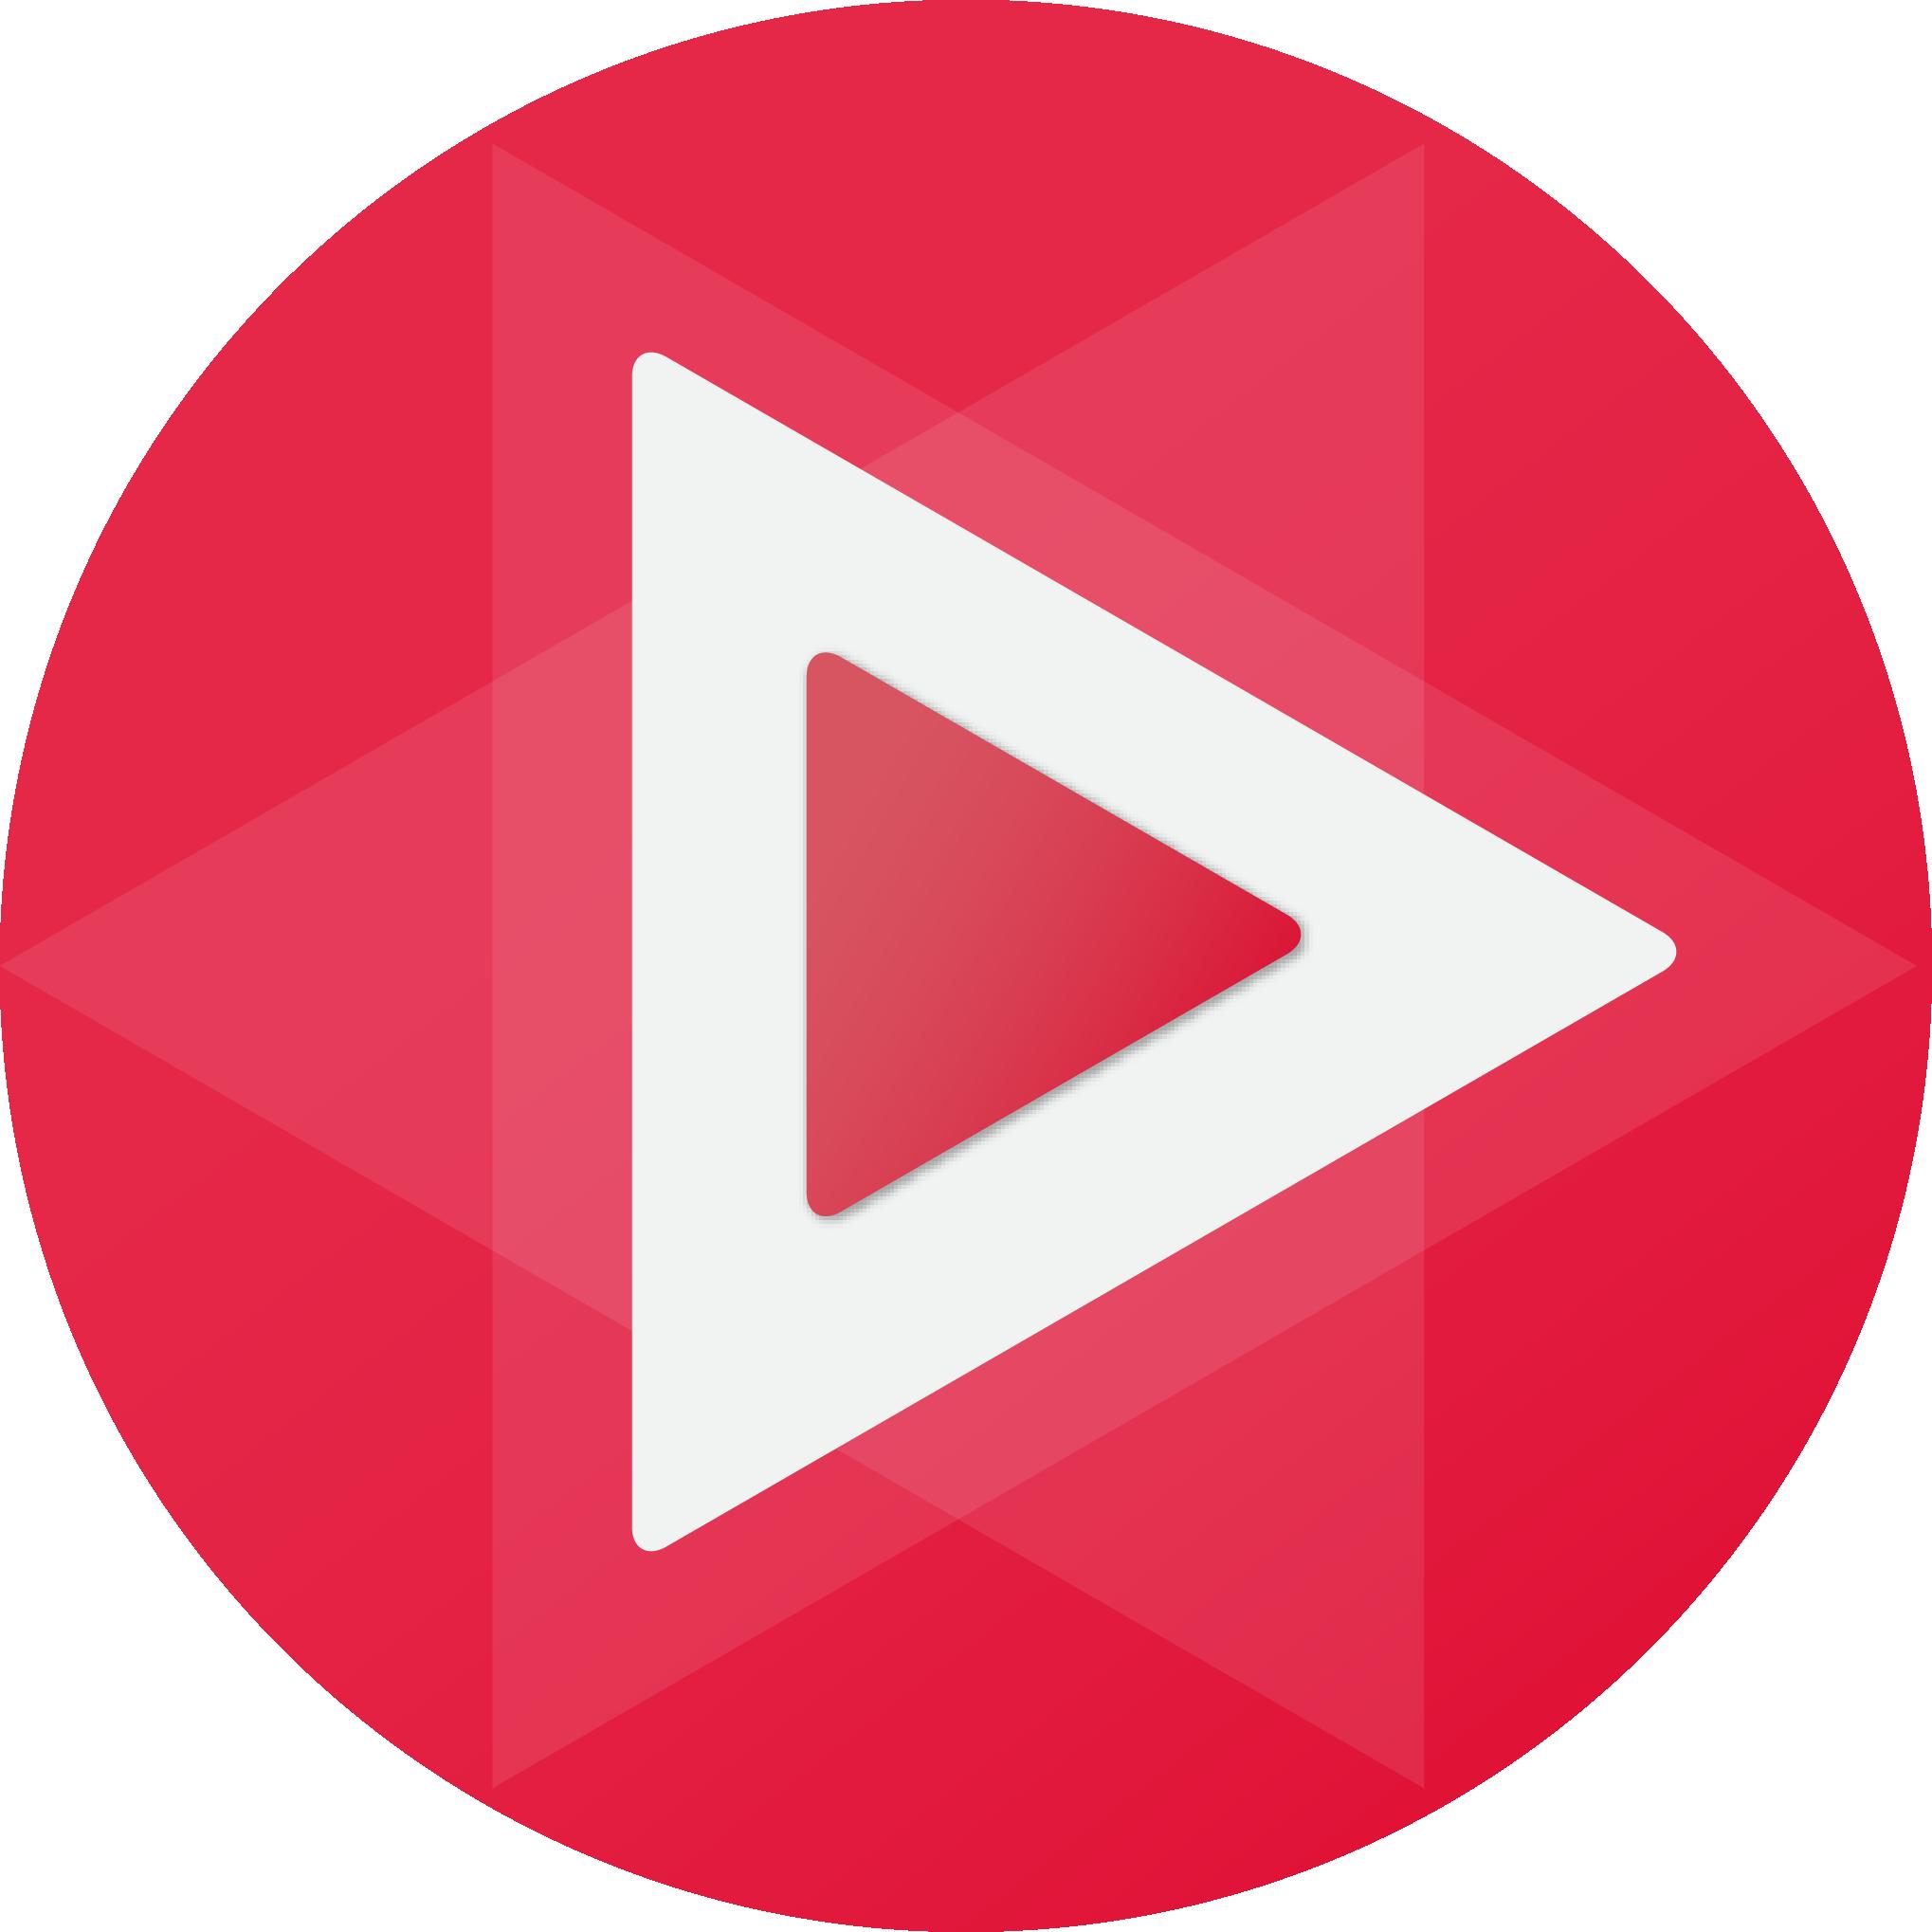 Clipjoy App logo